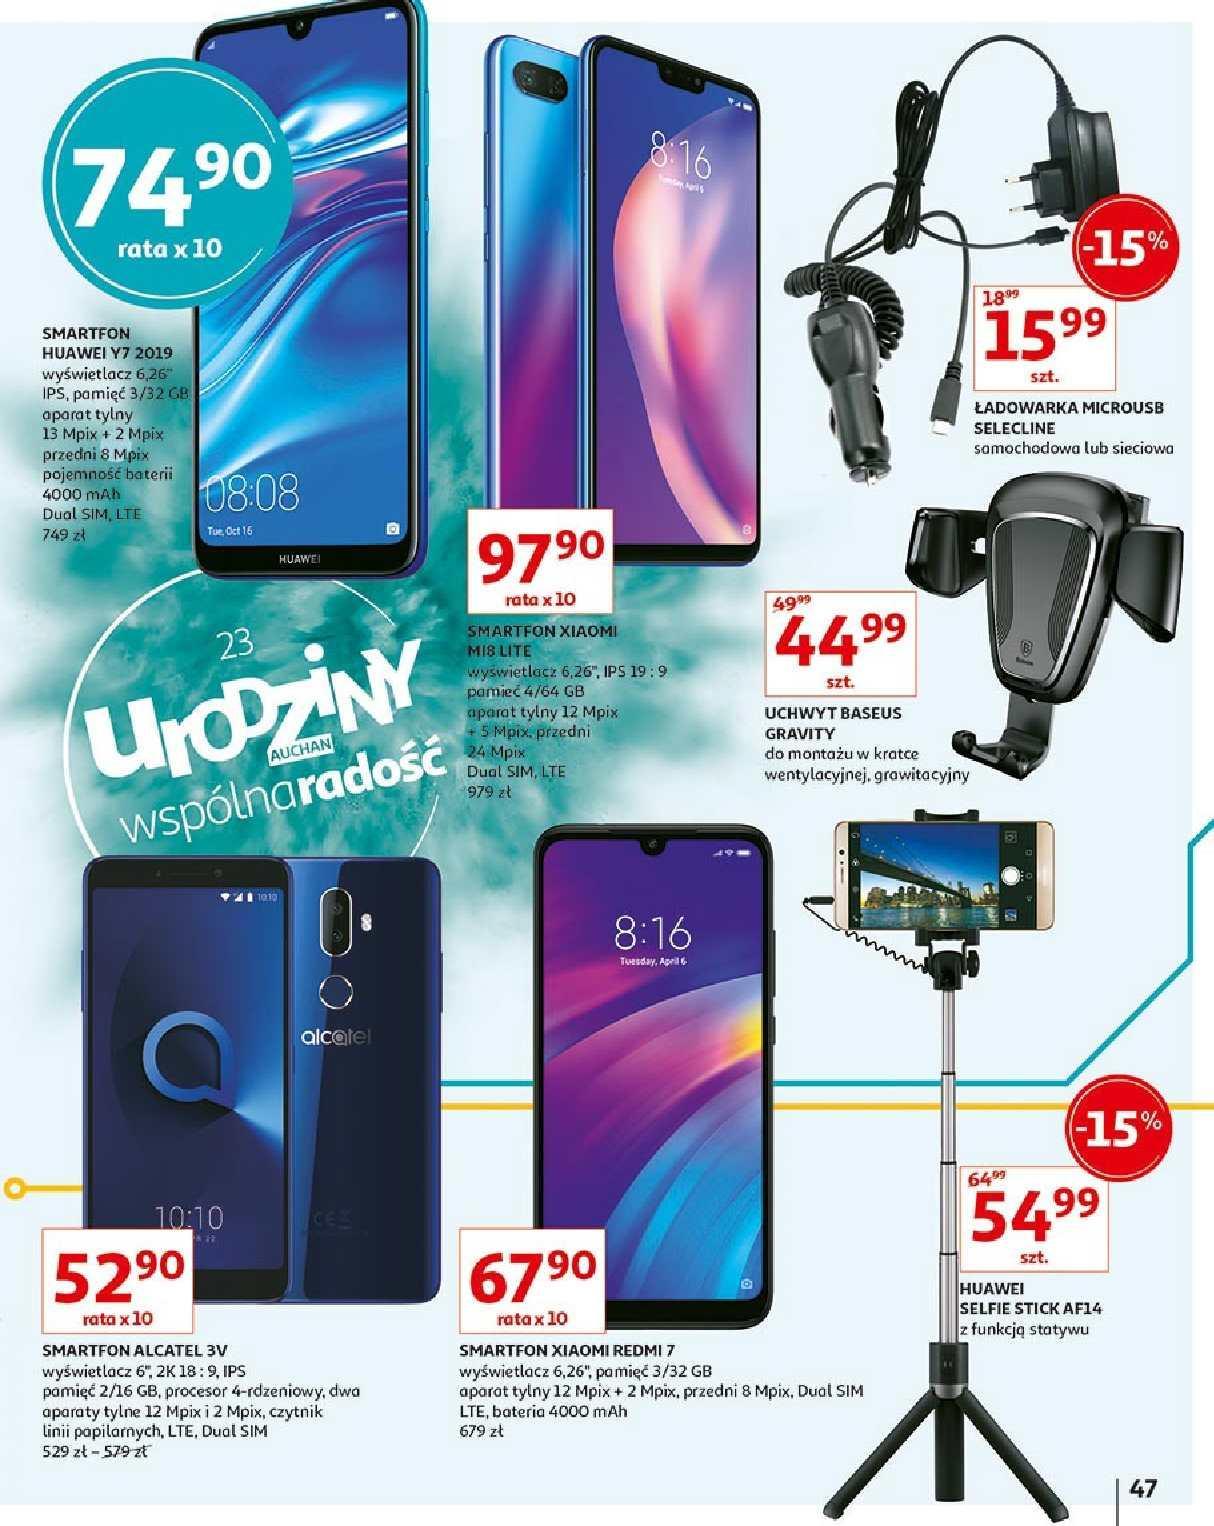 Gazetka promocyjna Auchan do 23/05/2019 str.47